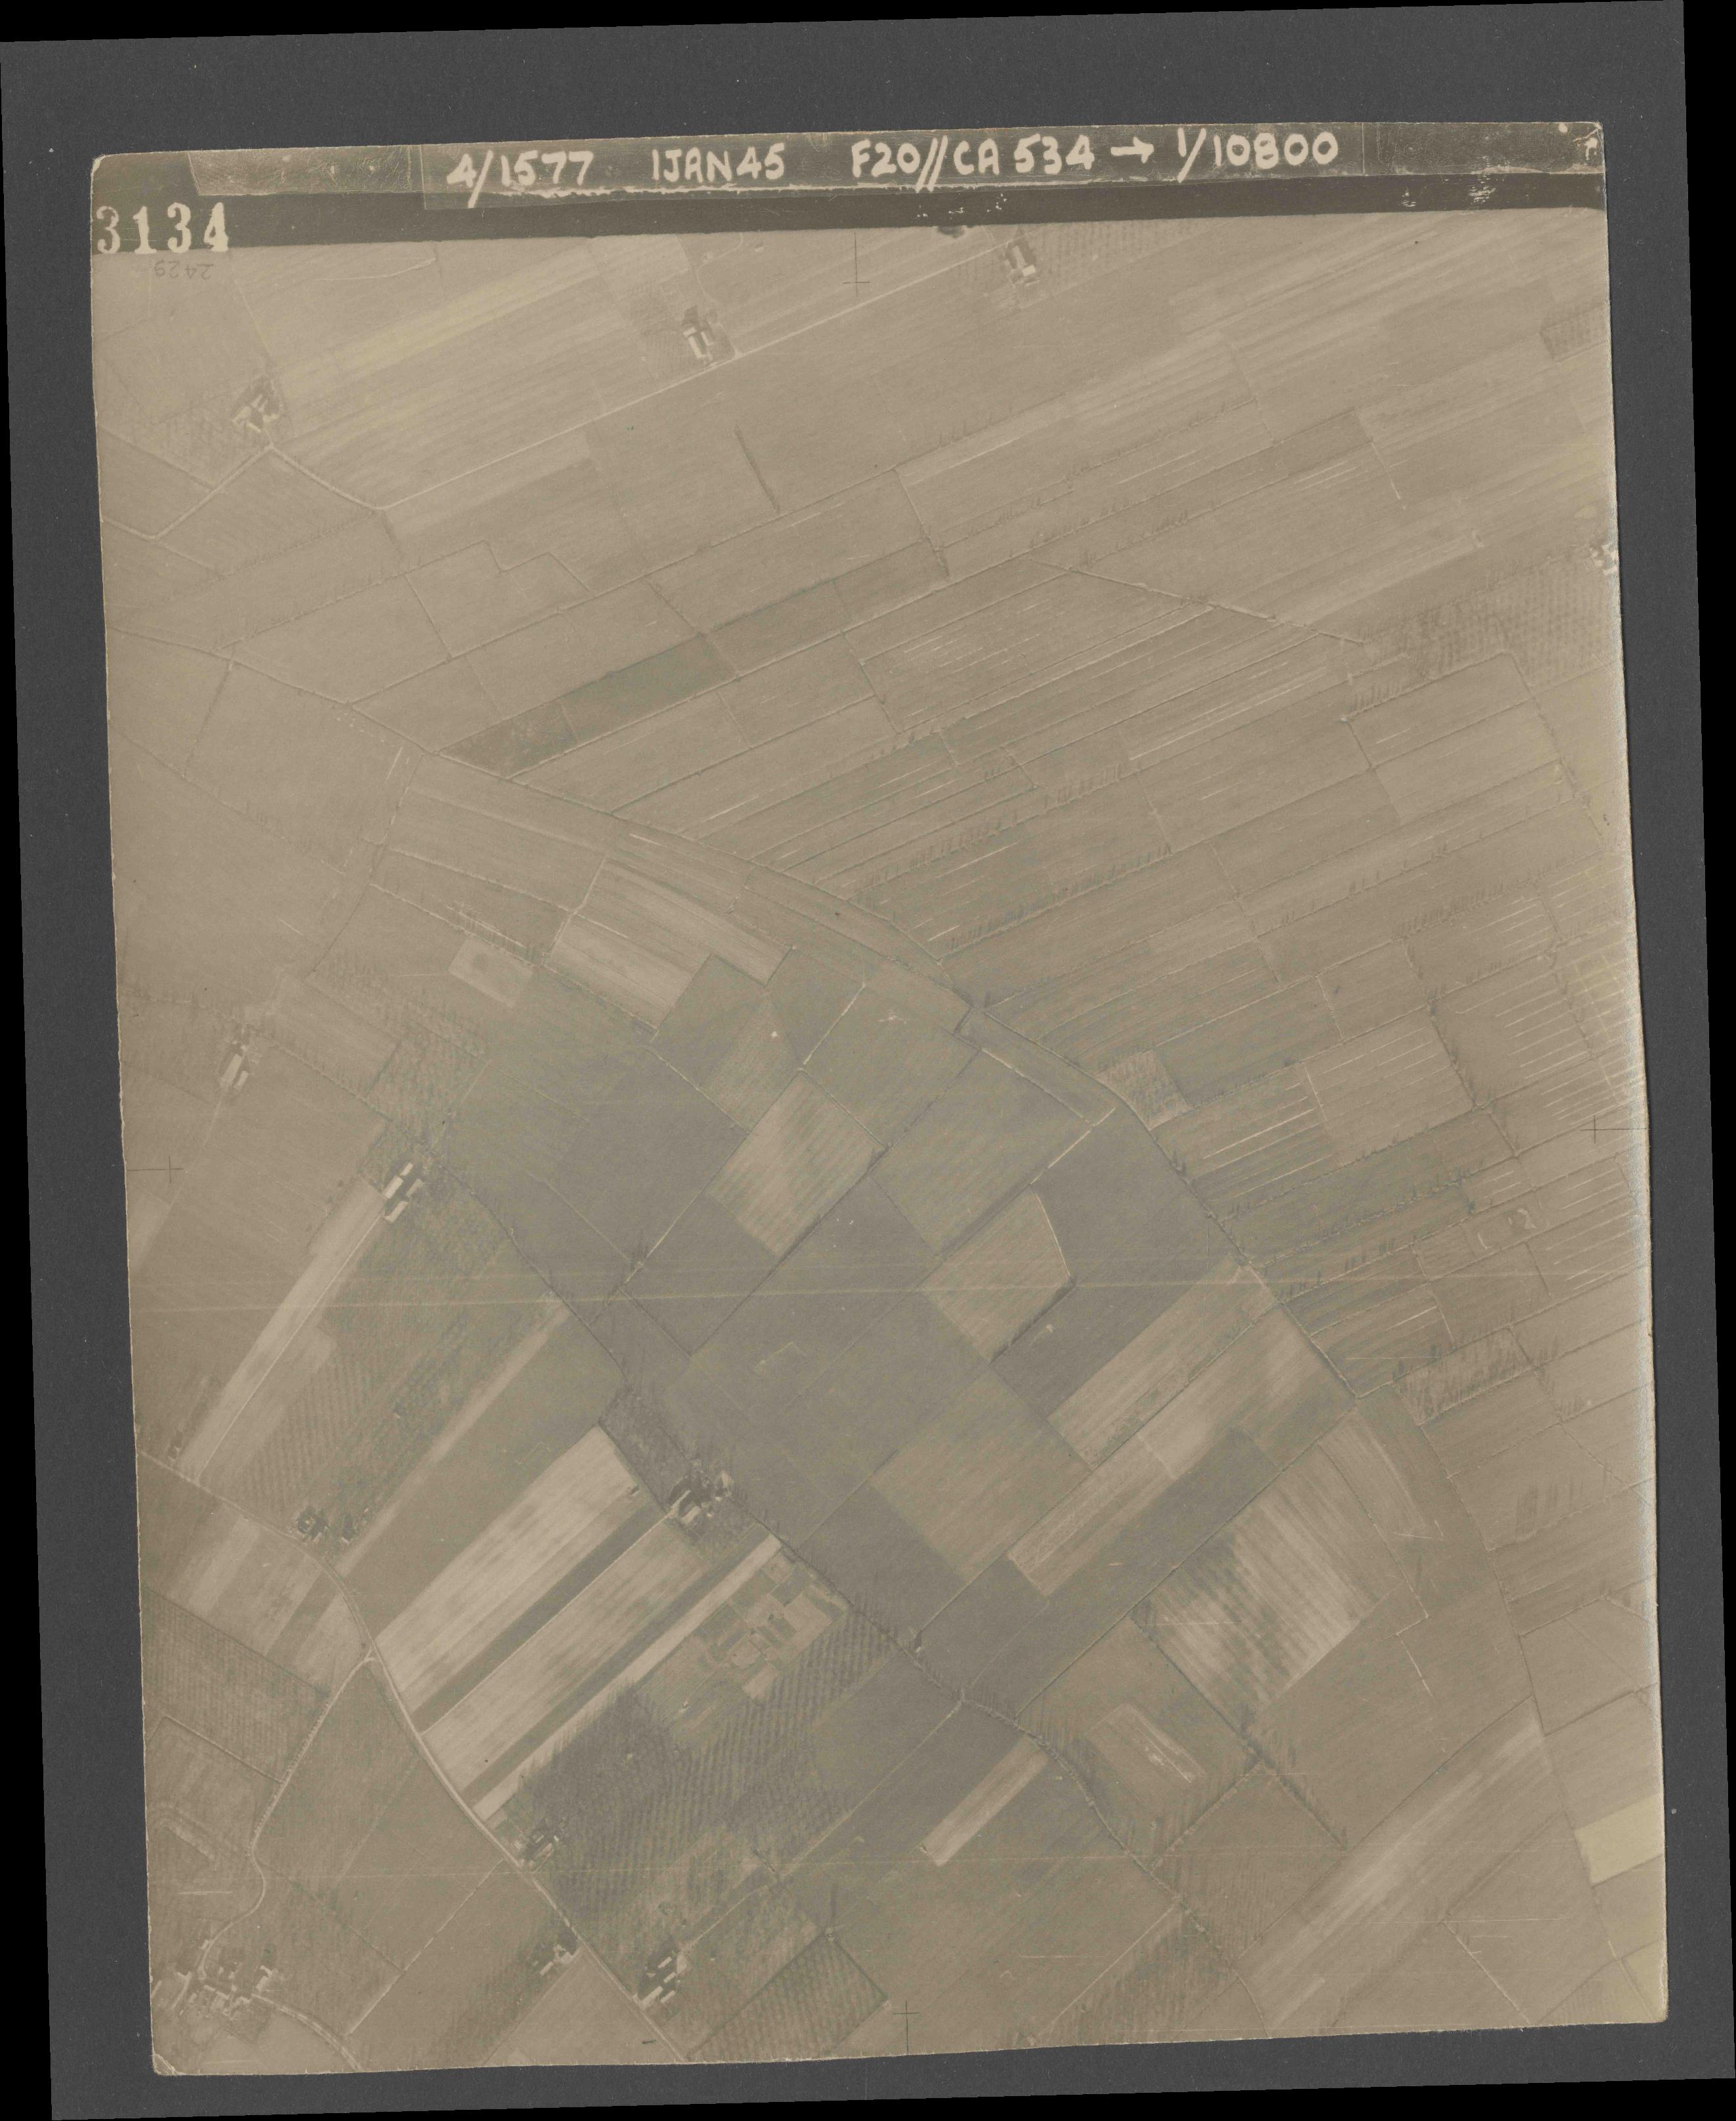 Collection RAF aerial photos 1940-1945 - flight 105, run 07, photo 3134